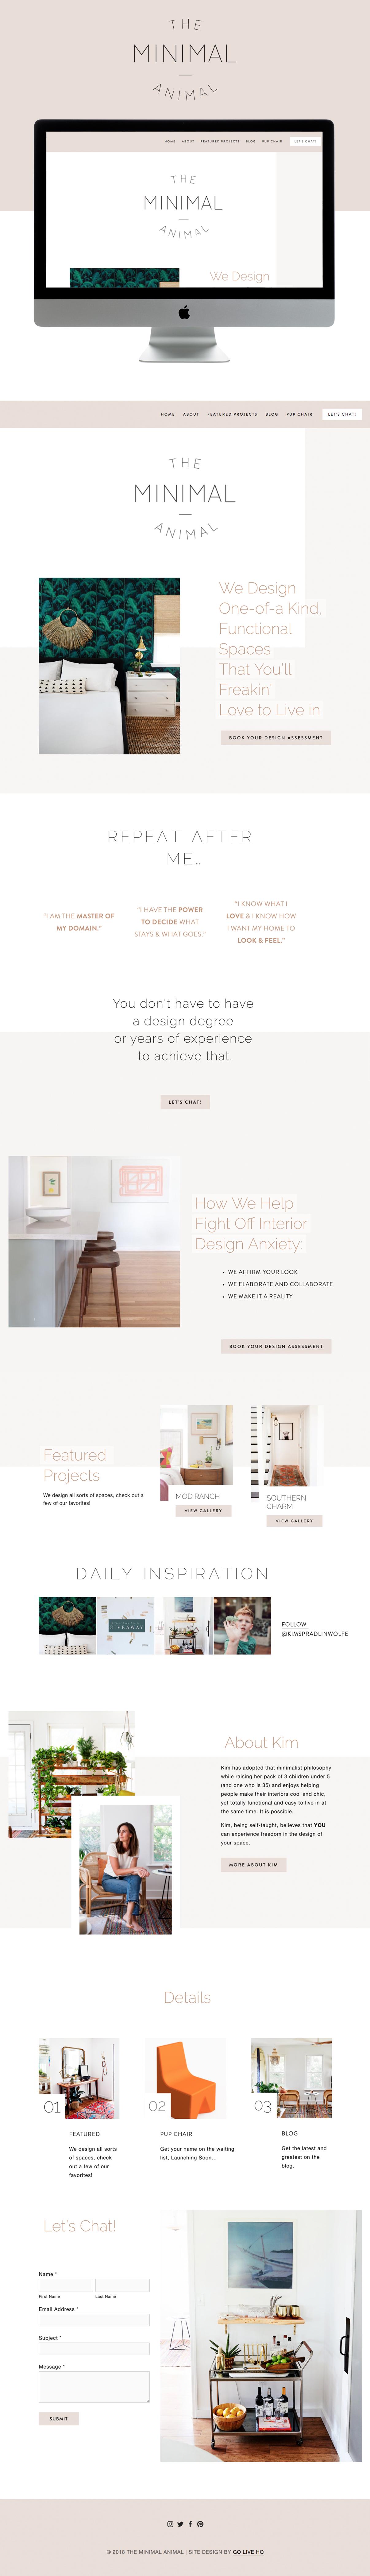 Unique, Fun, Minimal Website Design for Interior Designer | Go Live HQ